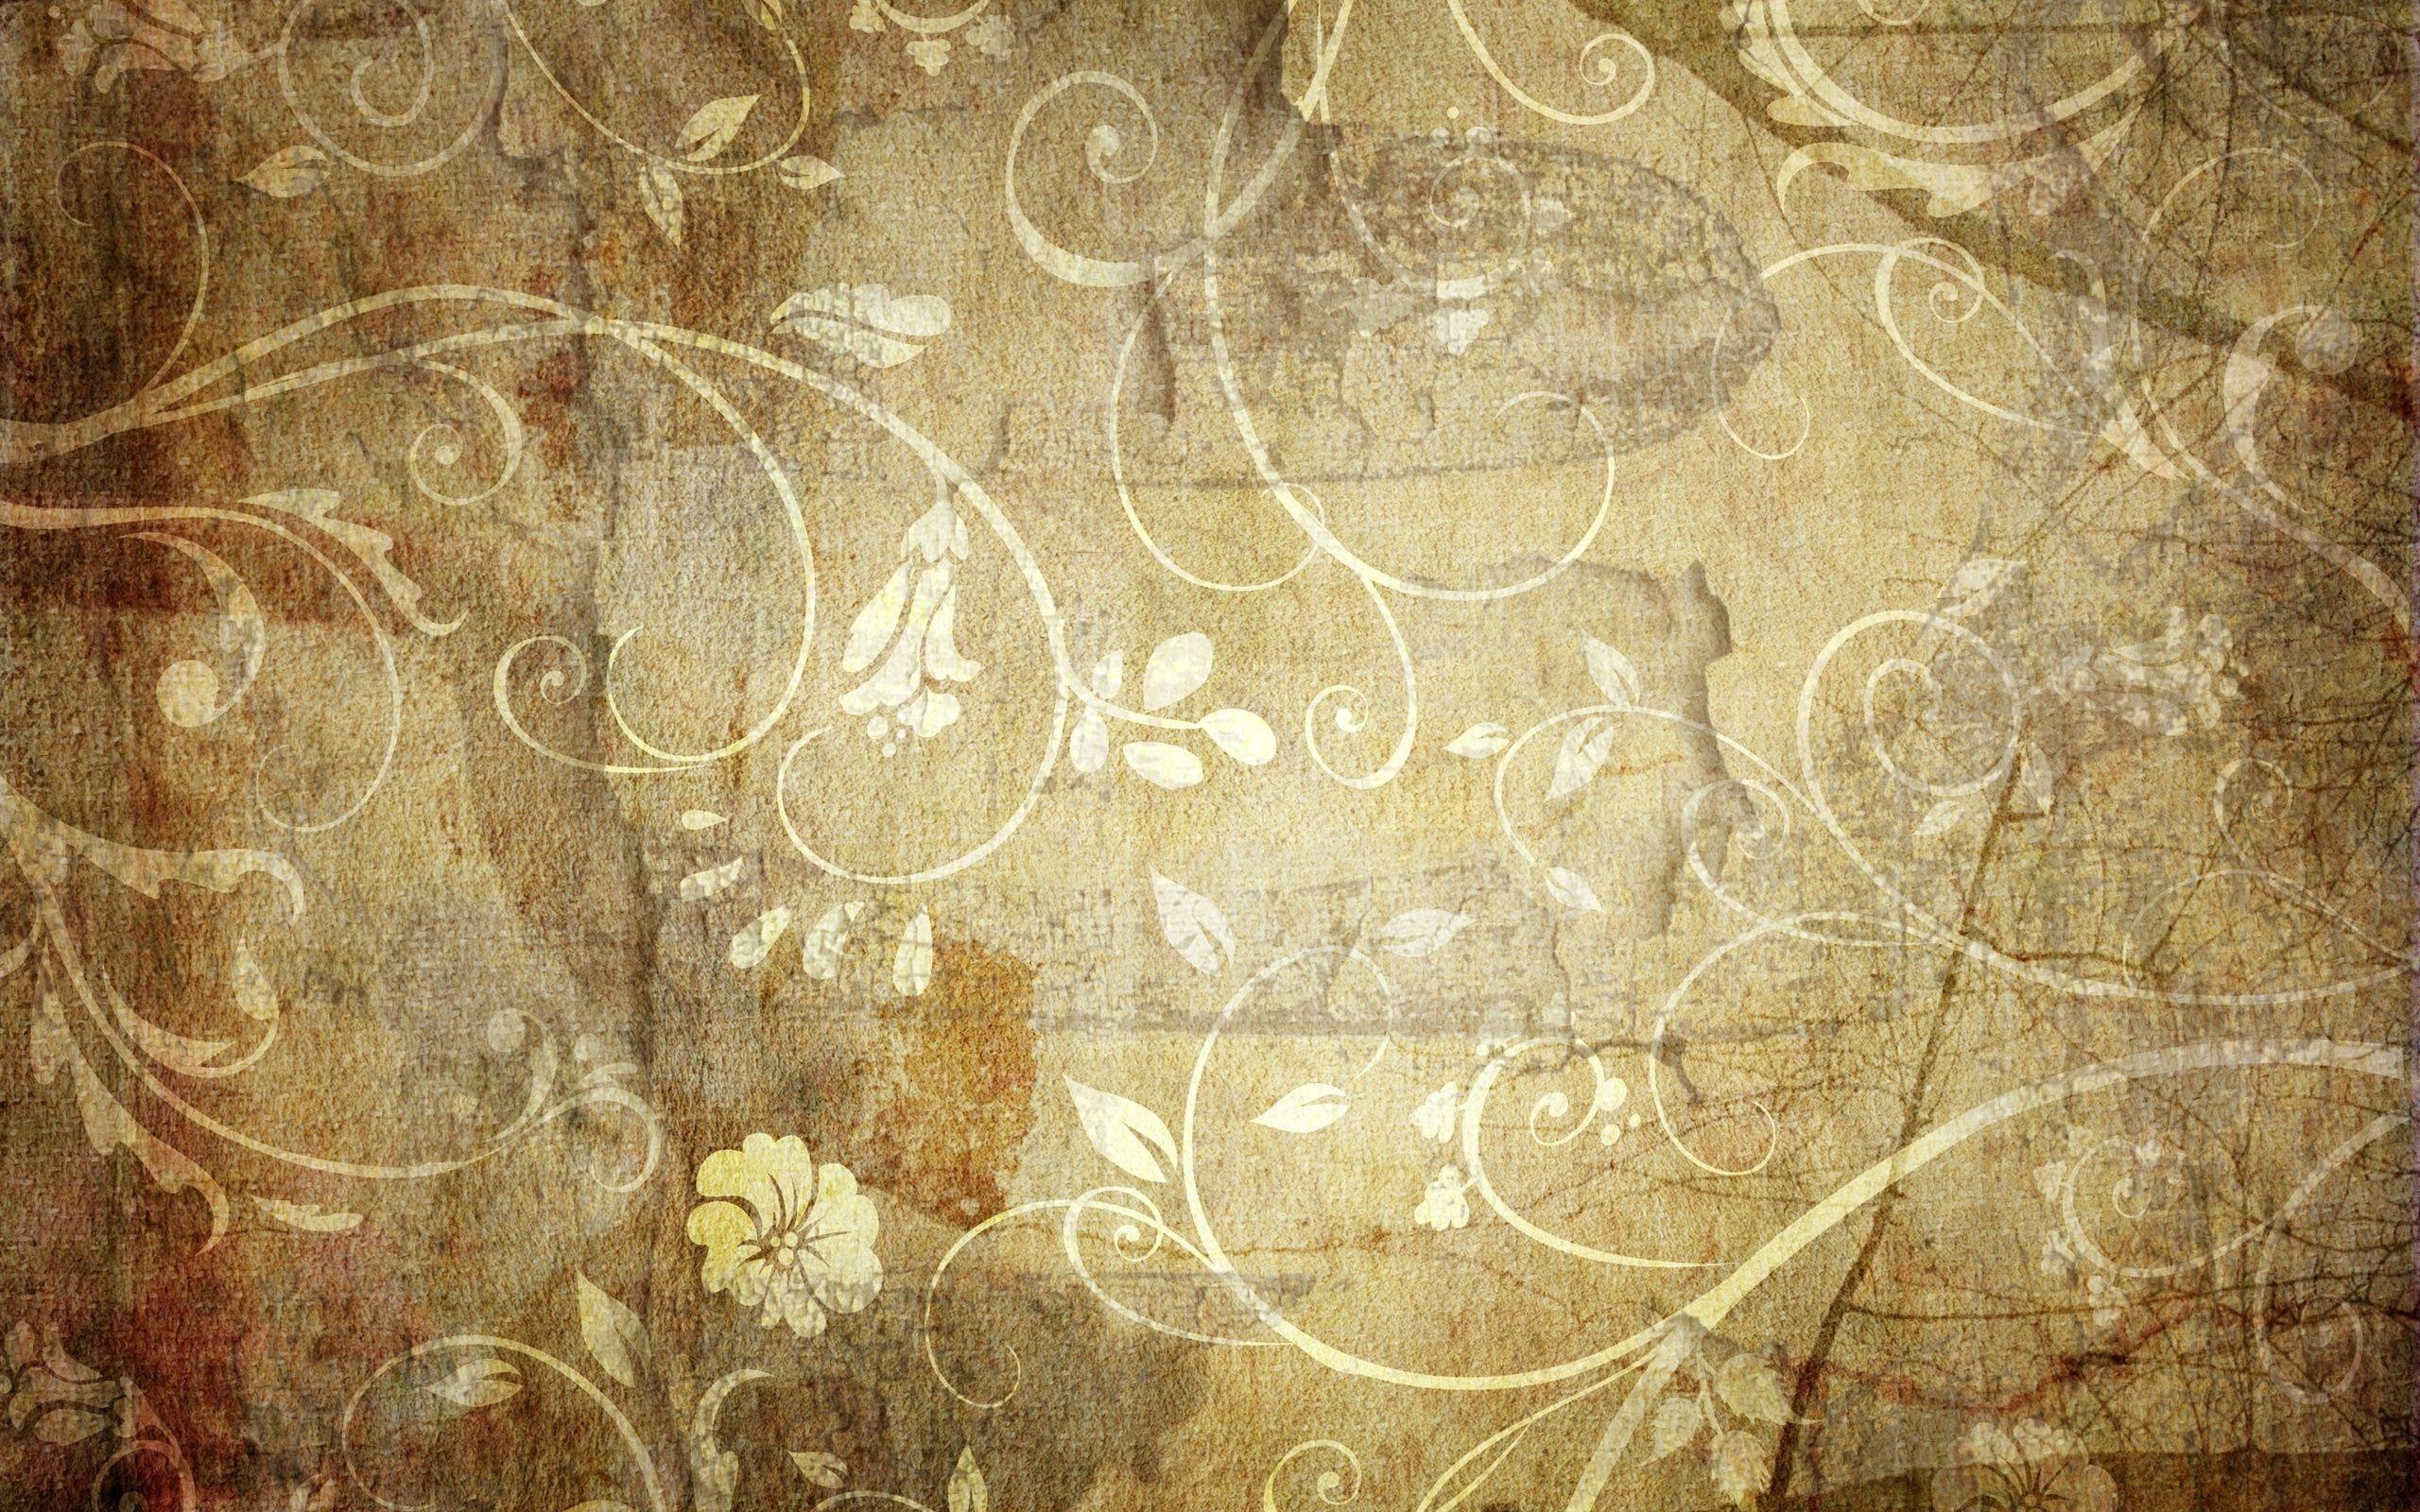 142710 Hintergrundbild herunterladen Papier, Hintergrund, Patterns, Textur, Texturen - Bildschirmschoner und Bilder kostenlos